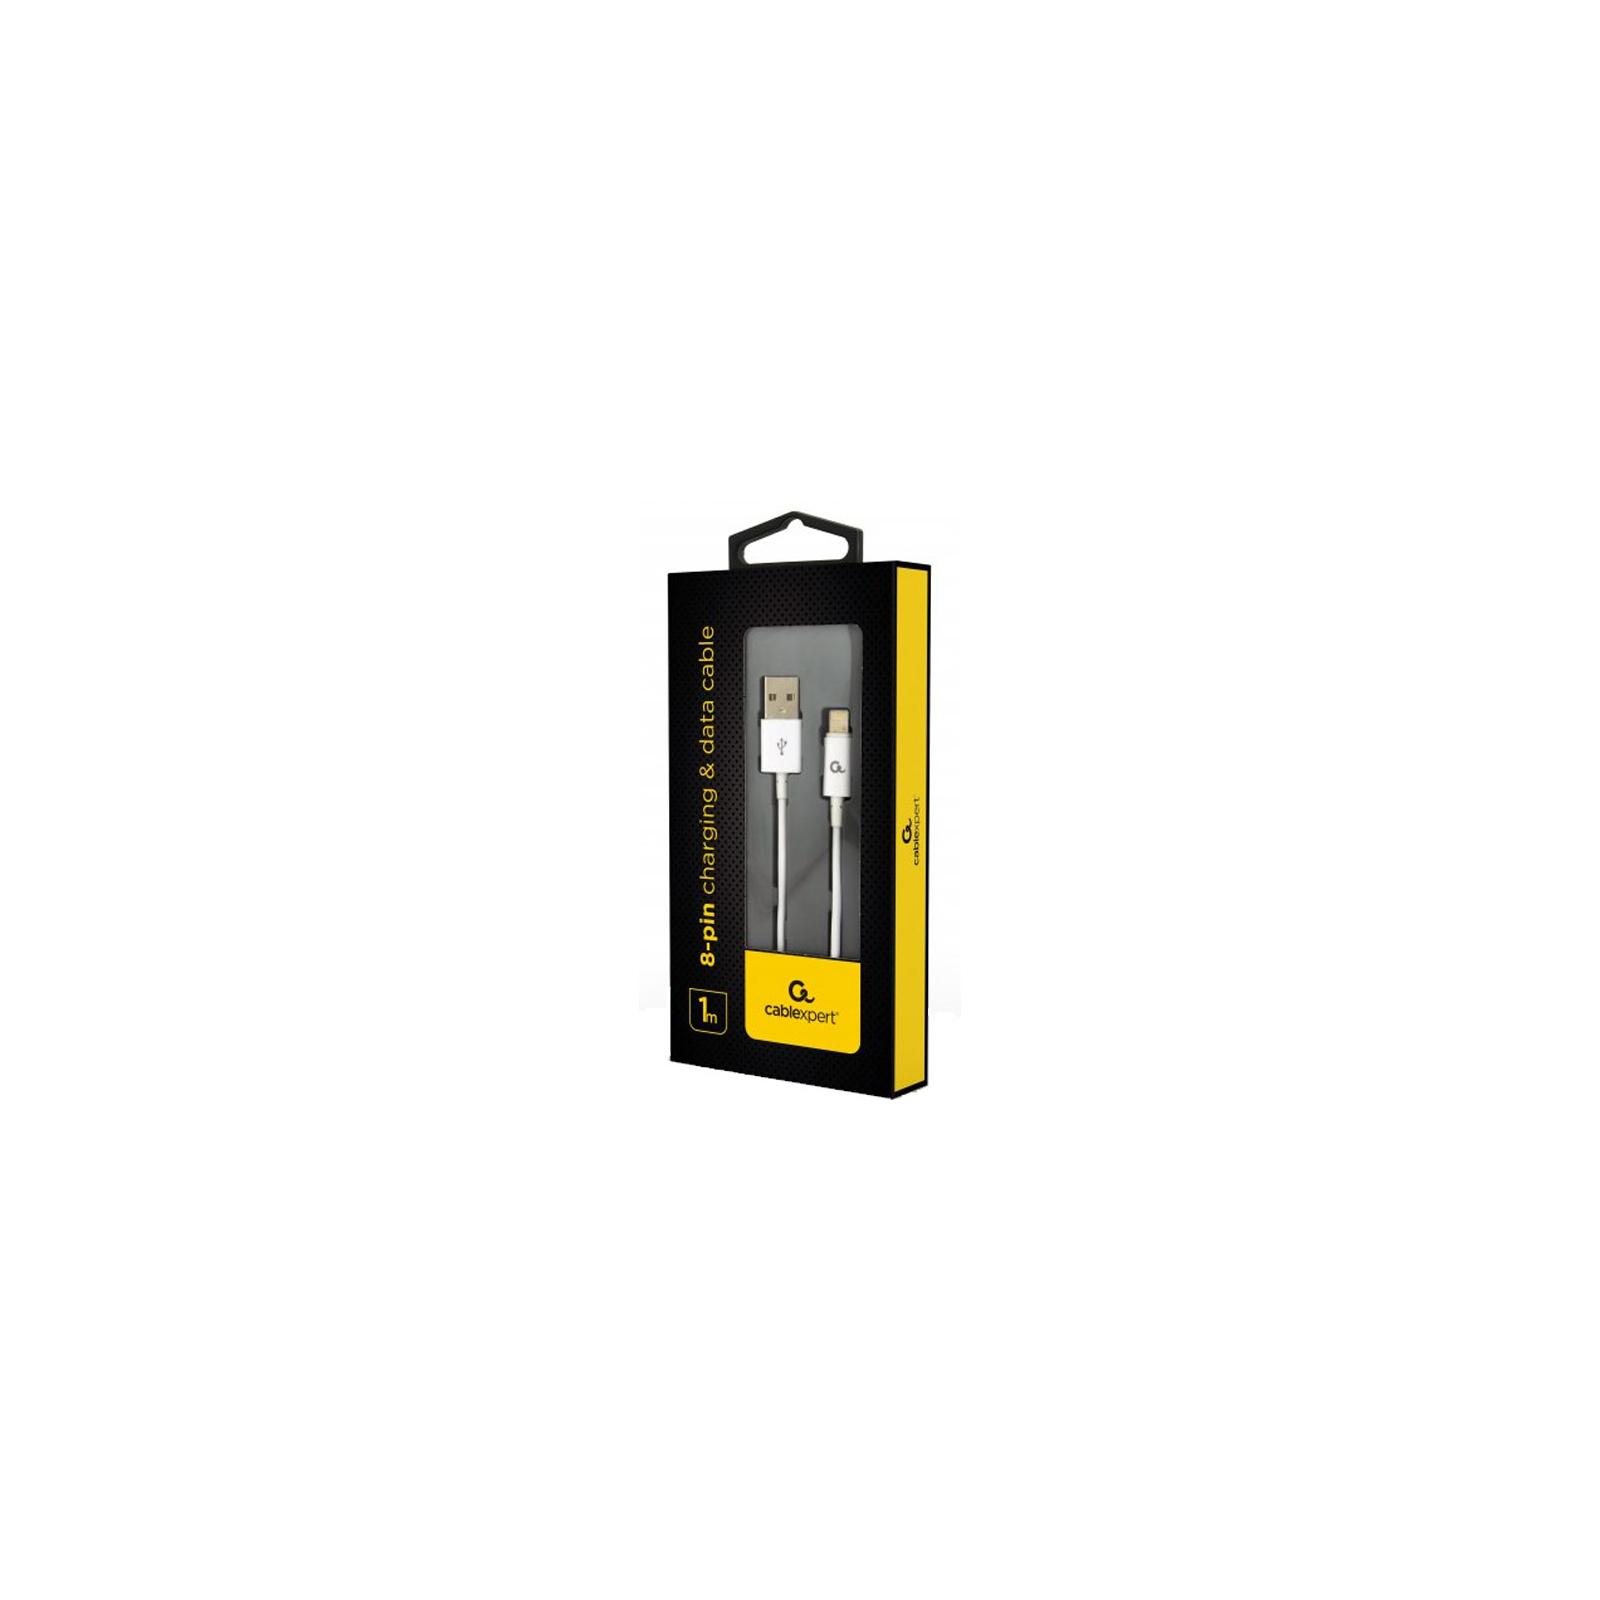 Дата кабель USB 2.0 AM to Lightning 1.0m Cablexpert (CC-USB2P-AMLM-1M) изображение 2